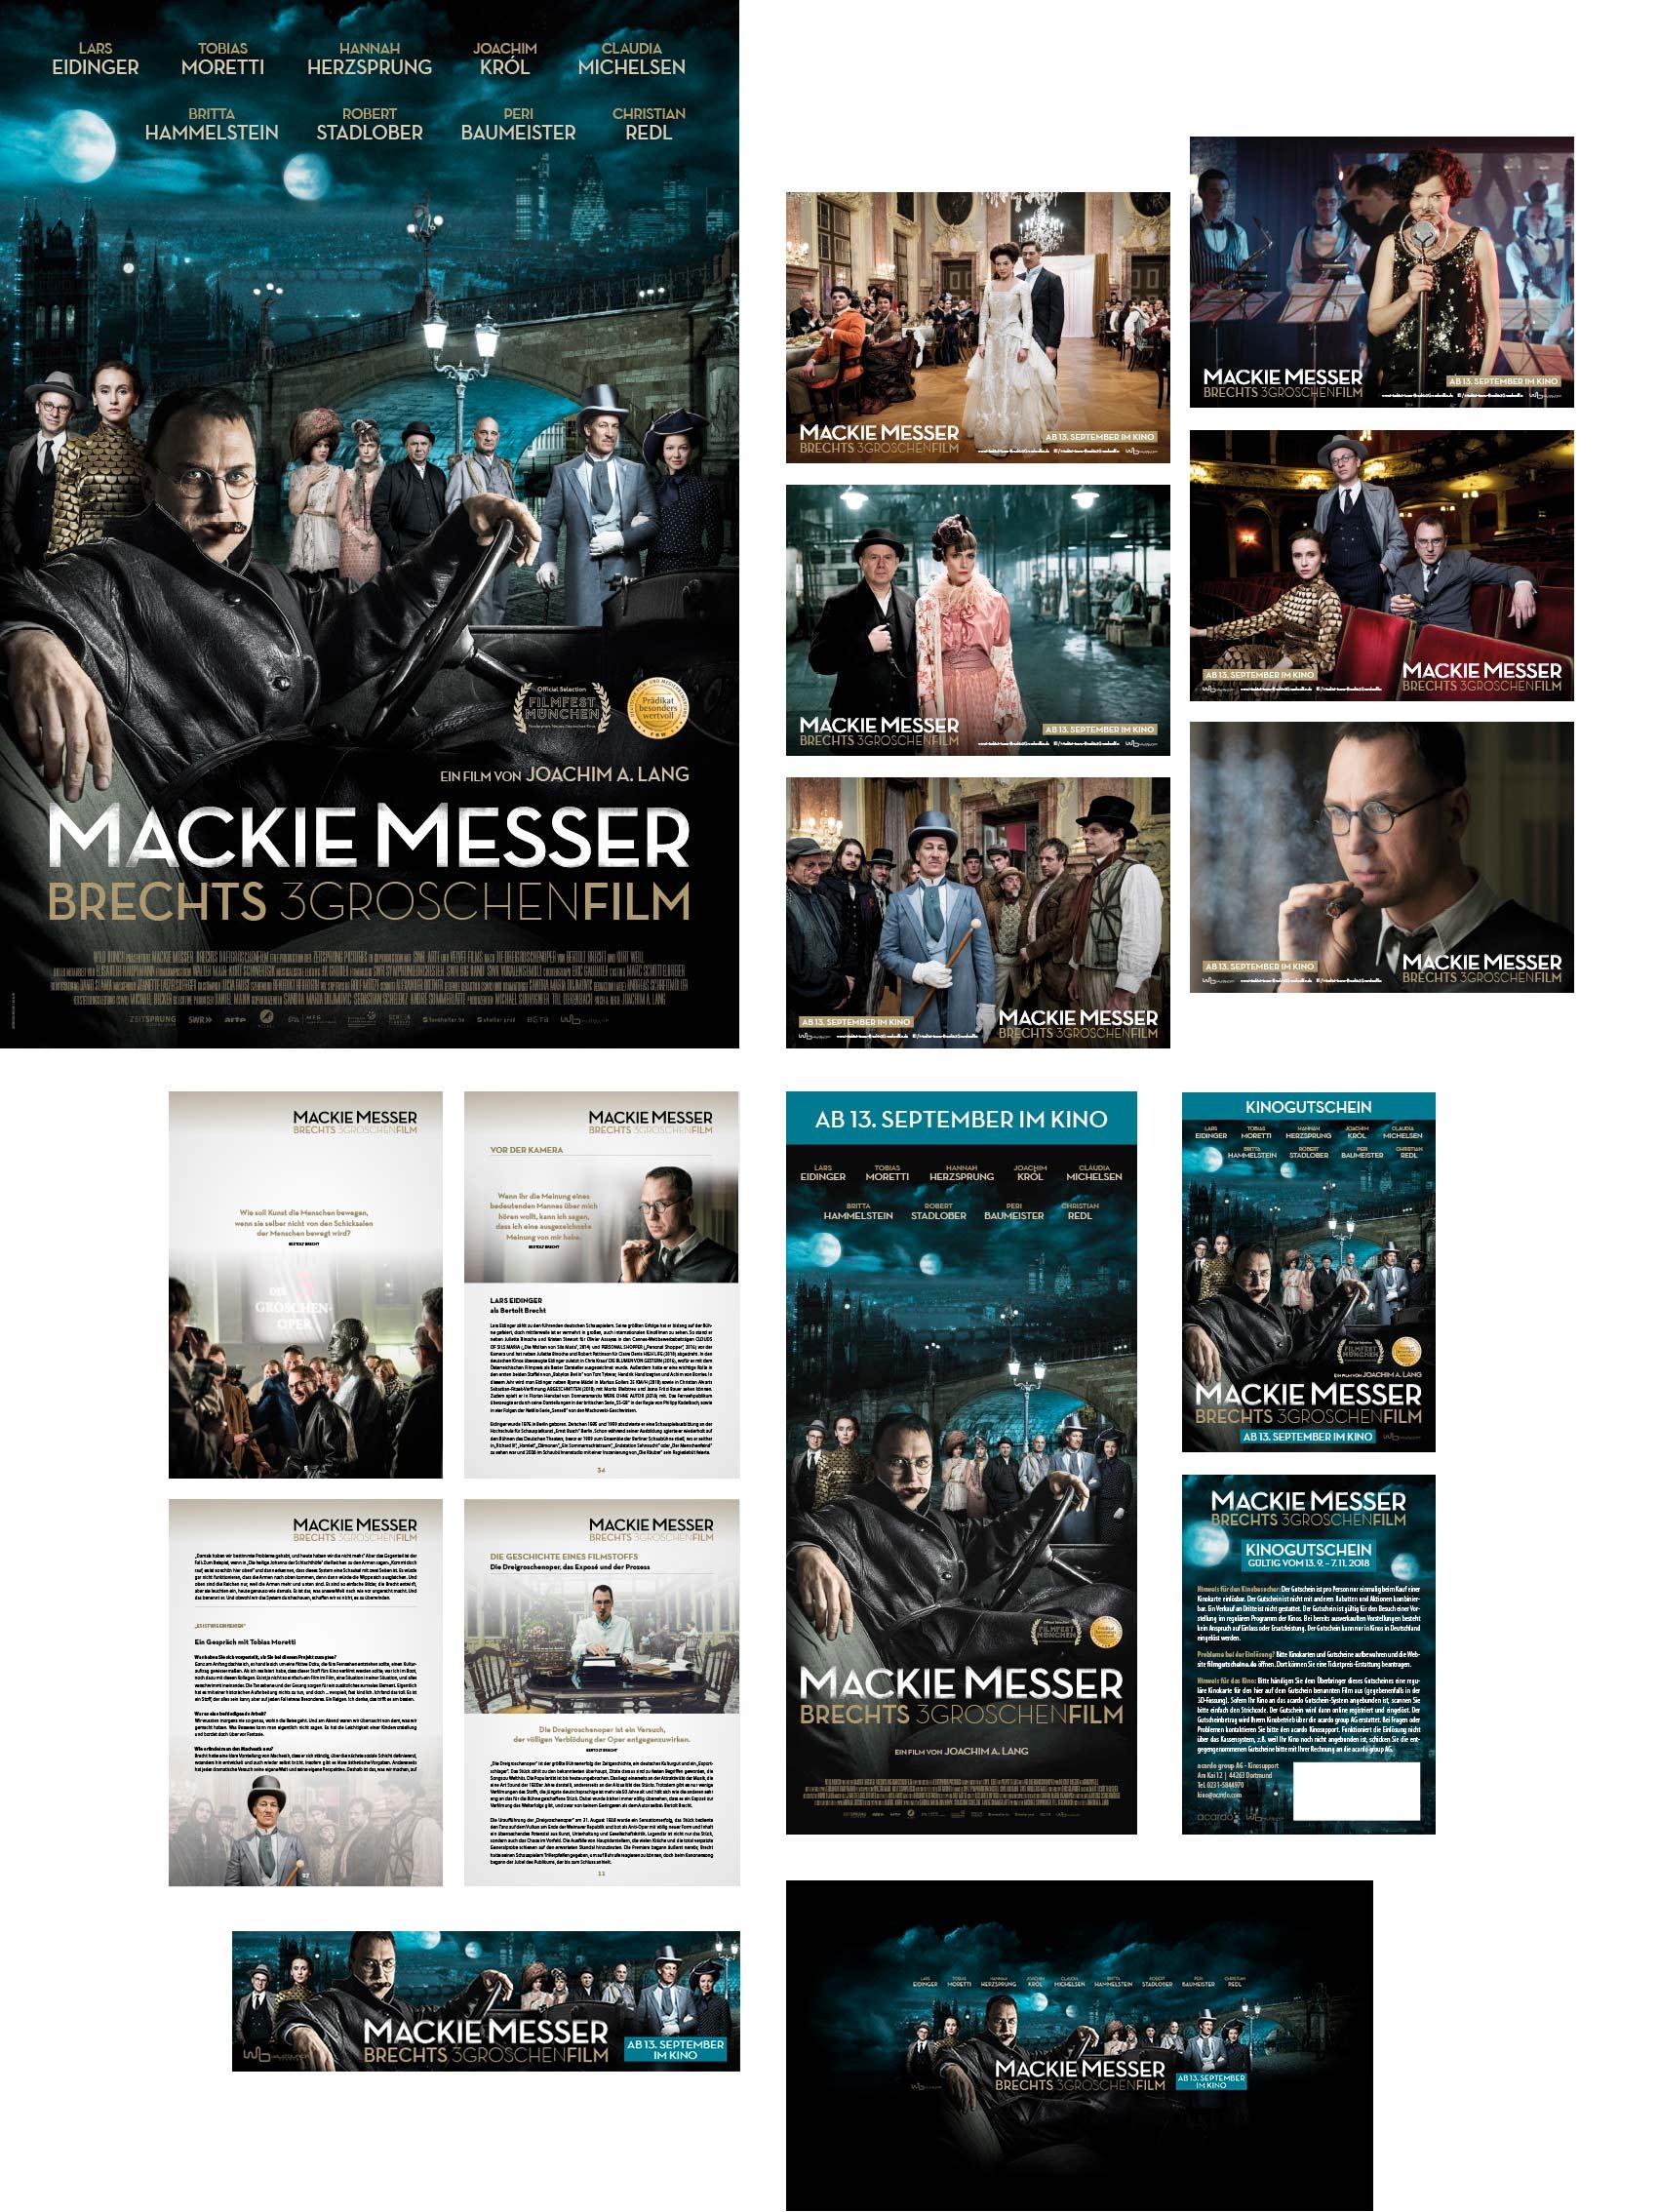 Mackie Messer, Brechts 3 Groschenfilm, Wild Bunch Germany, Filmwerbung, Kinowerbung